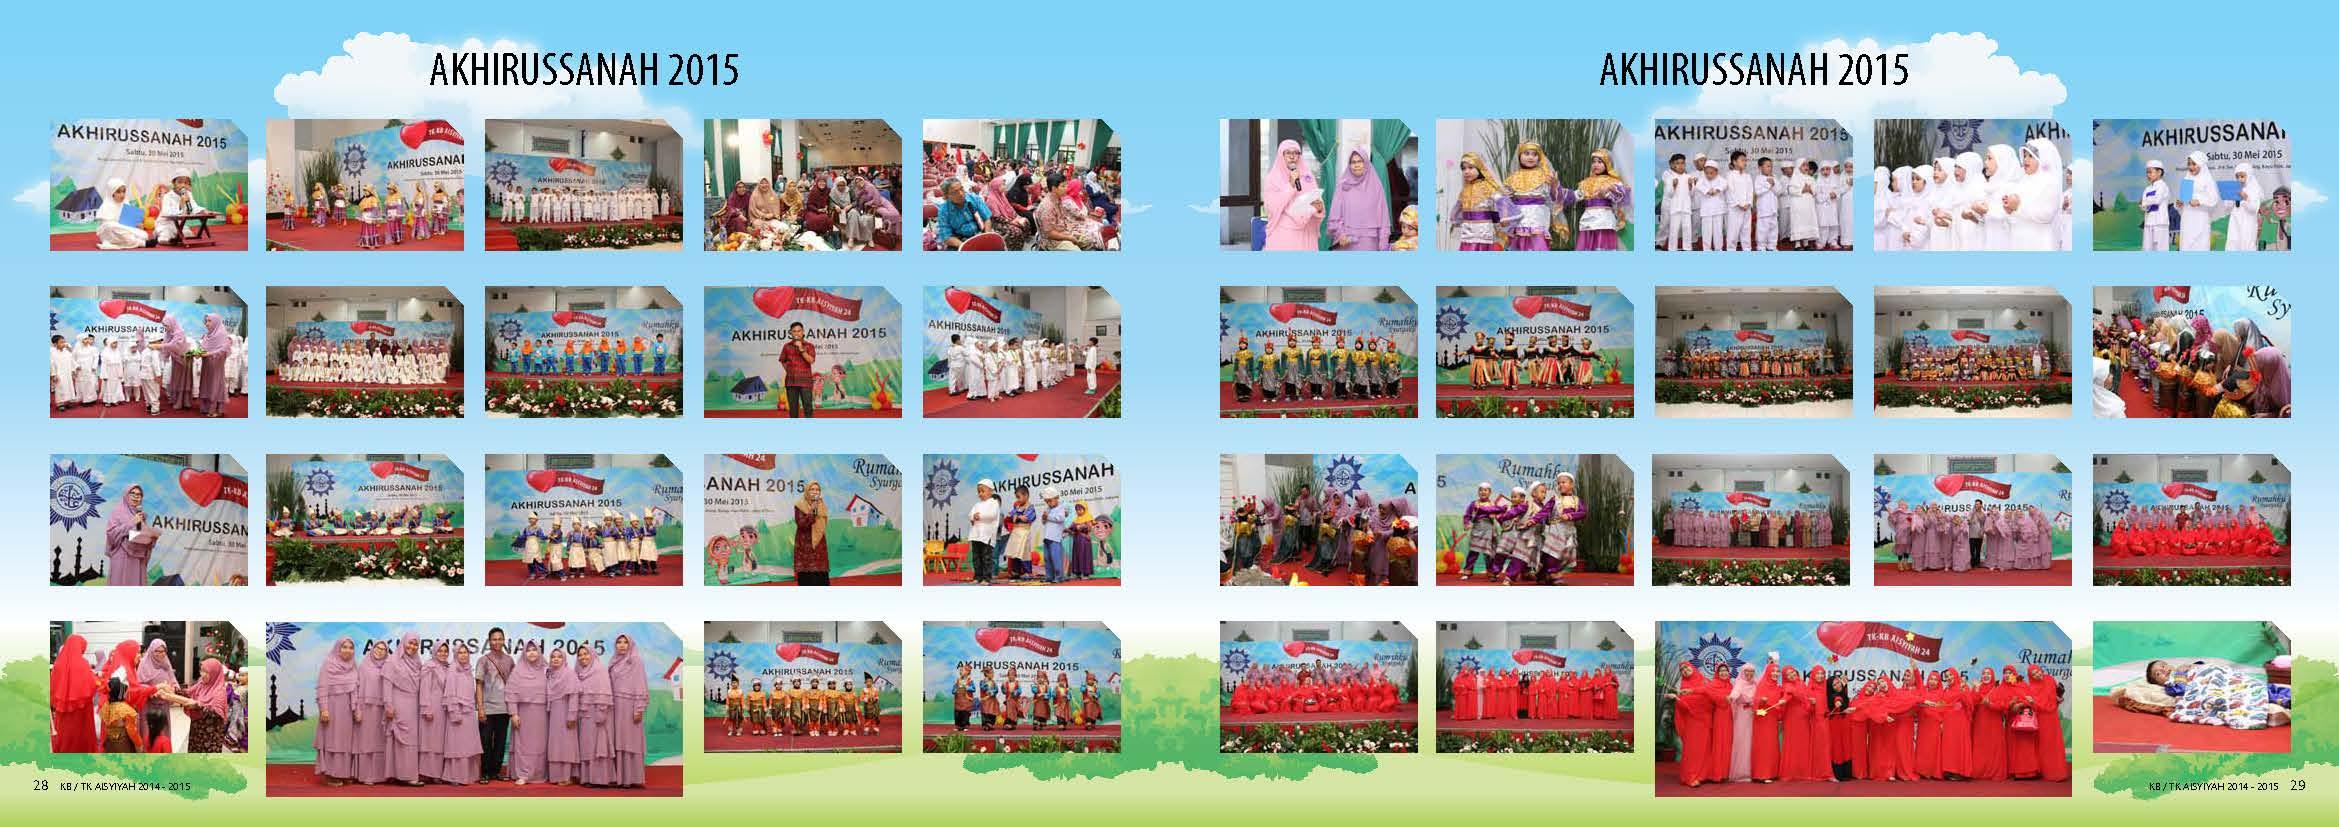 Album Kenangan TK Aisyiyah 2014-2015- (16)